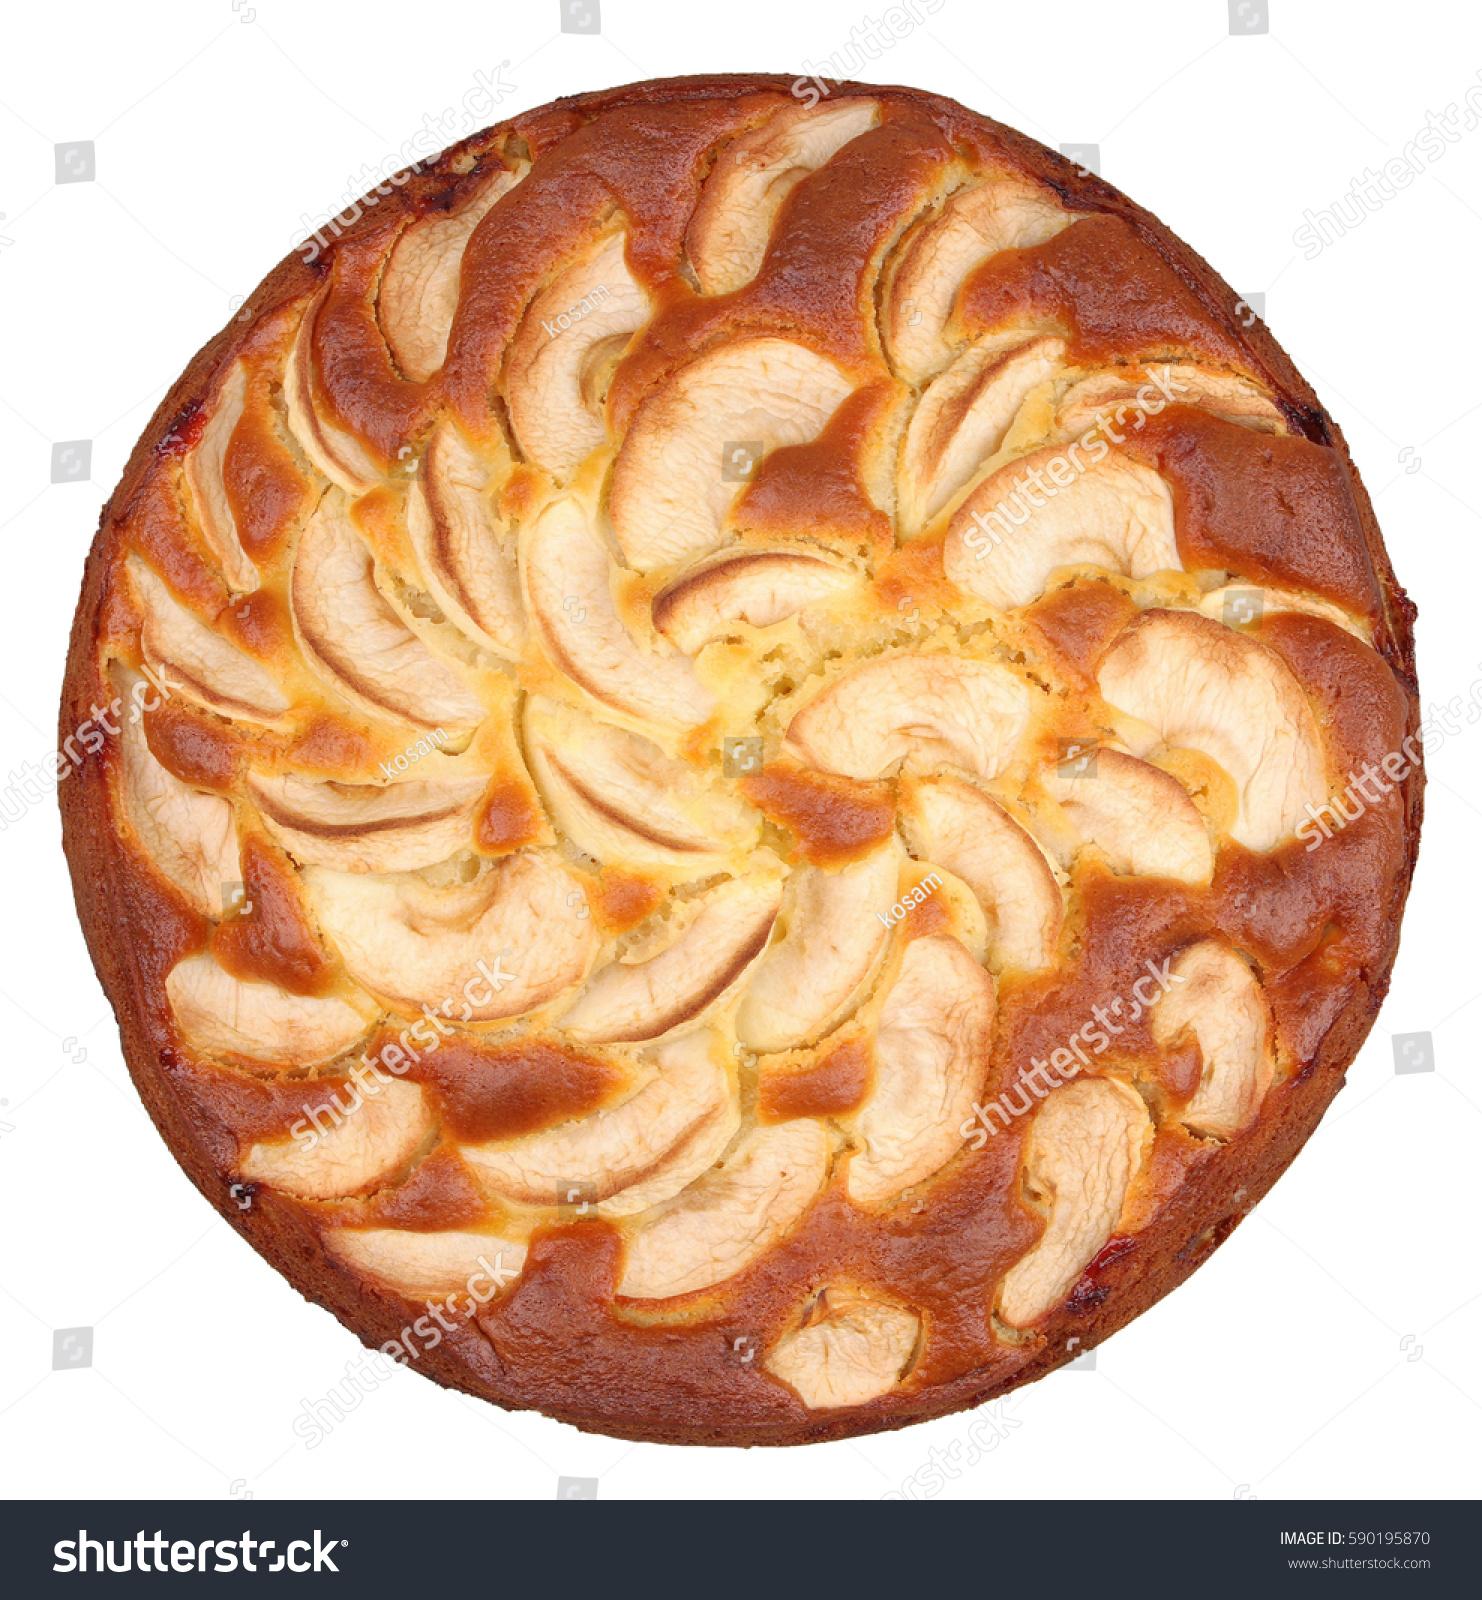 Pie on white photo